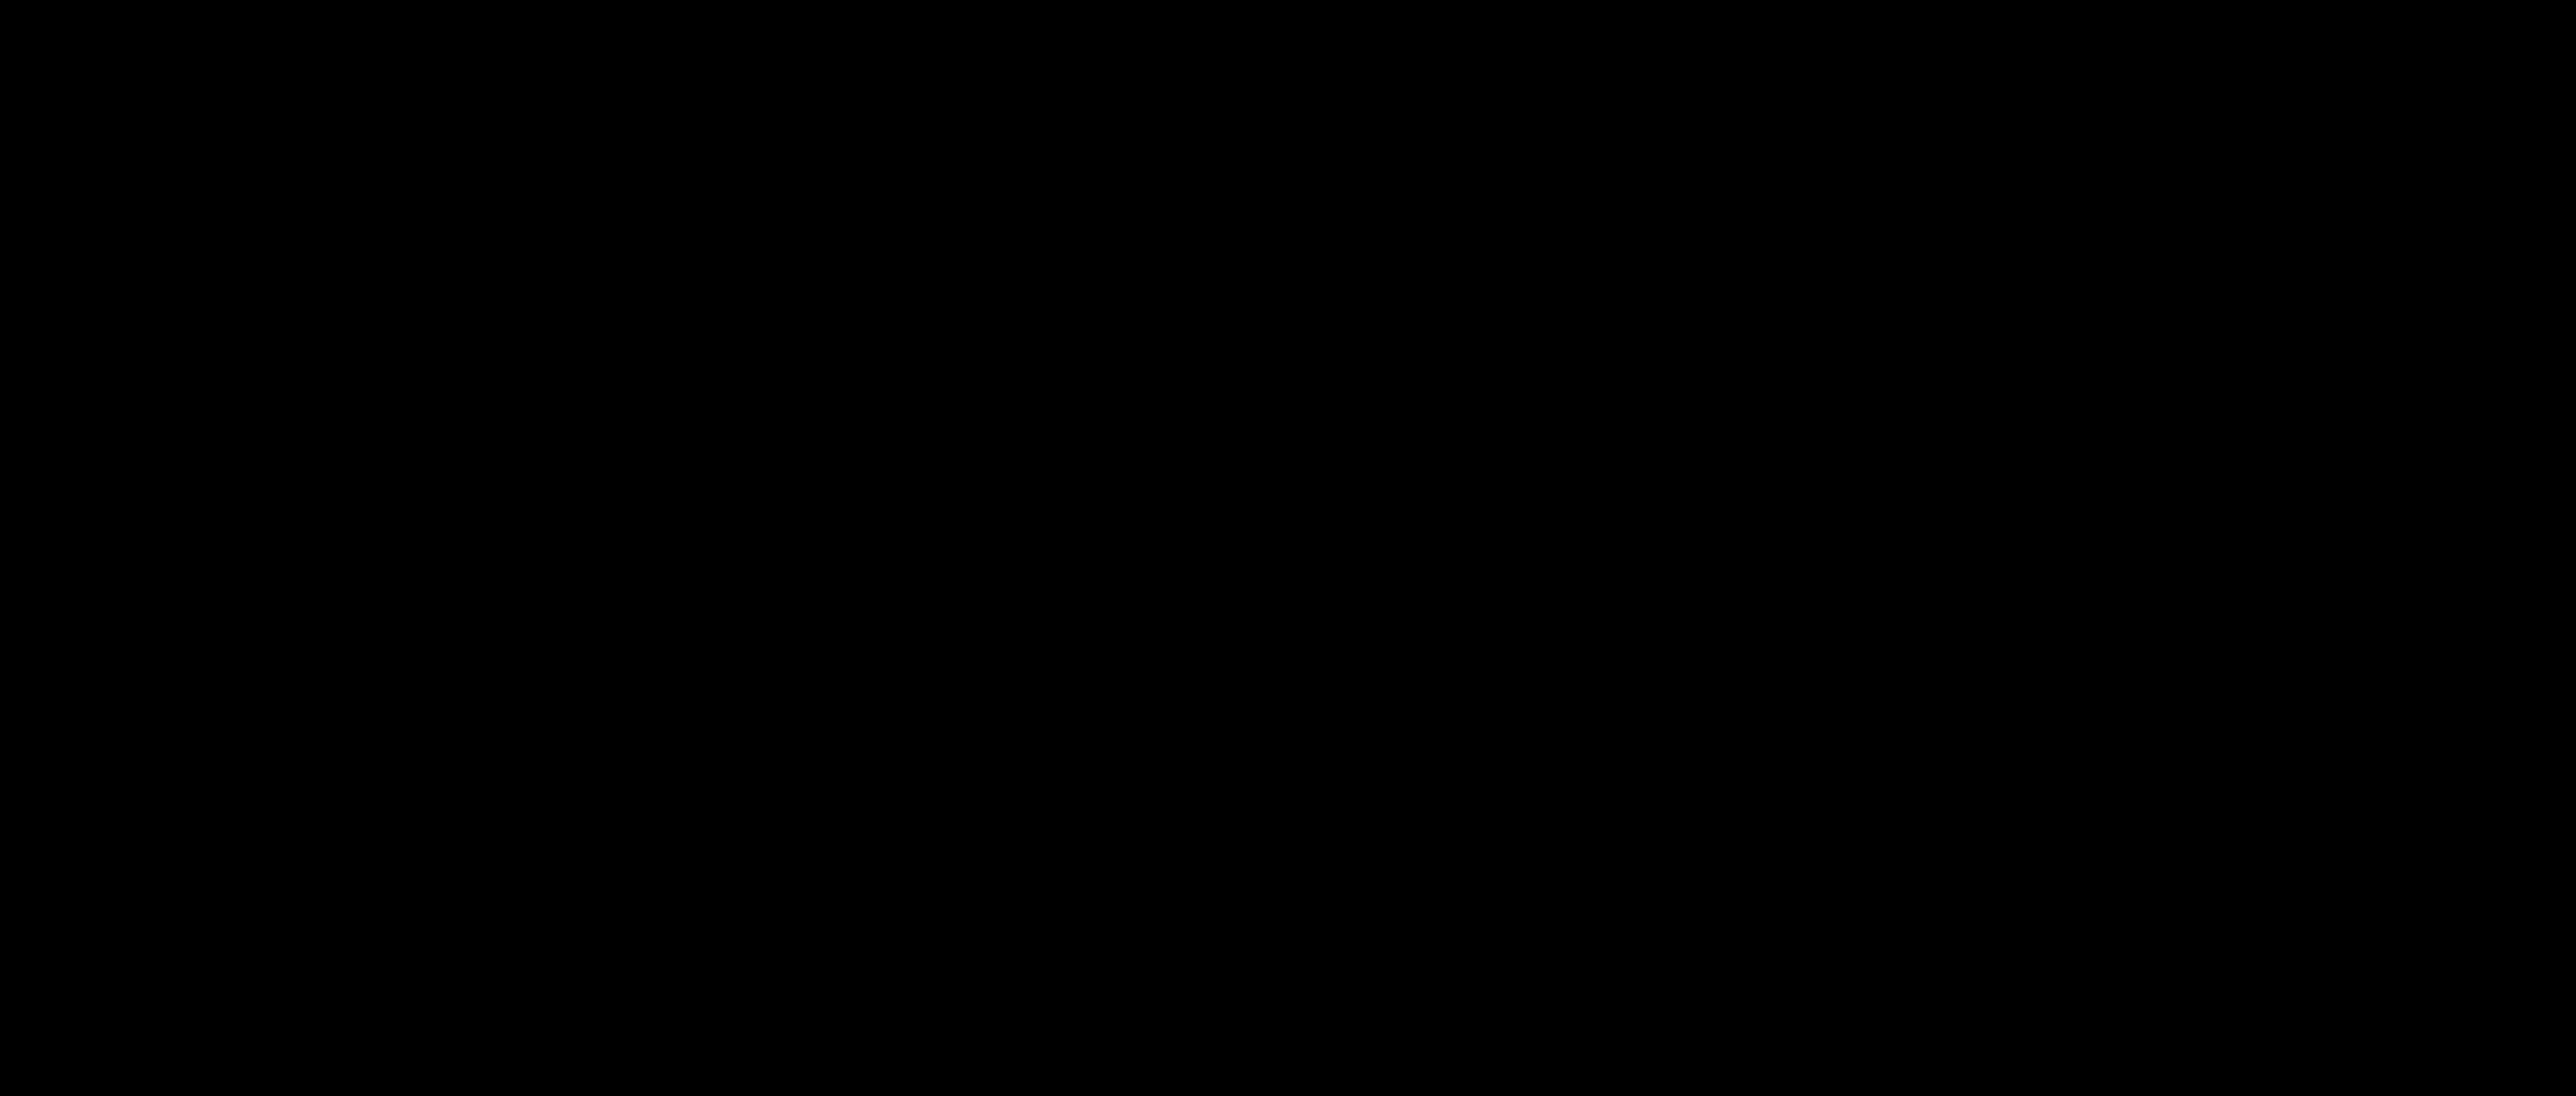 东电社·管理课堂  第208期——法律服务季之聚焦企业合同管理,提高企业经营风险防范能力